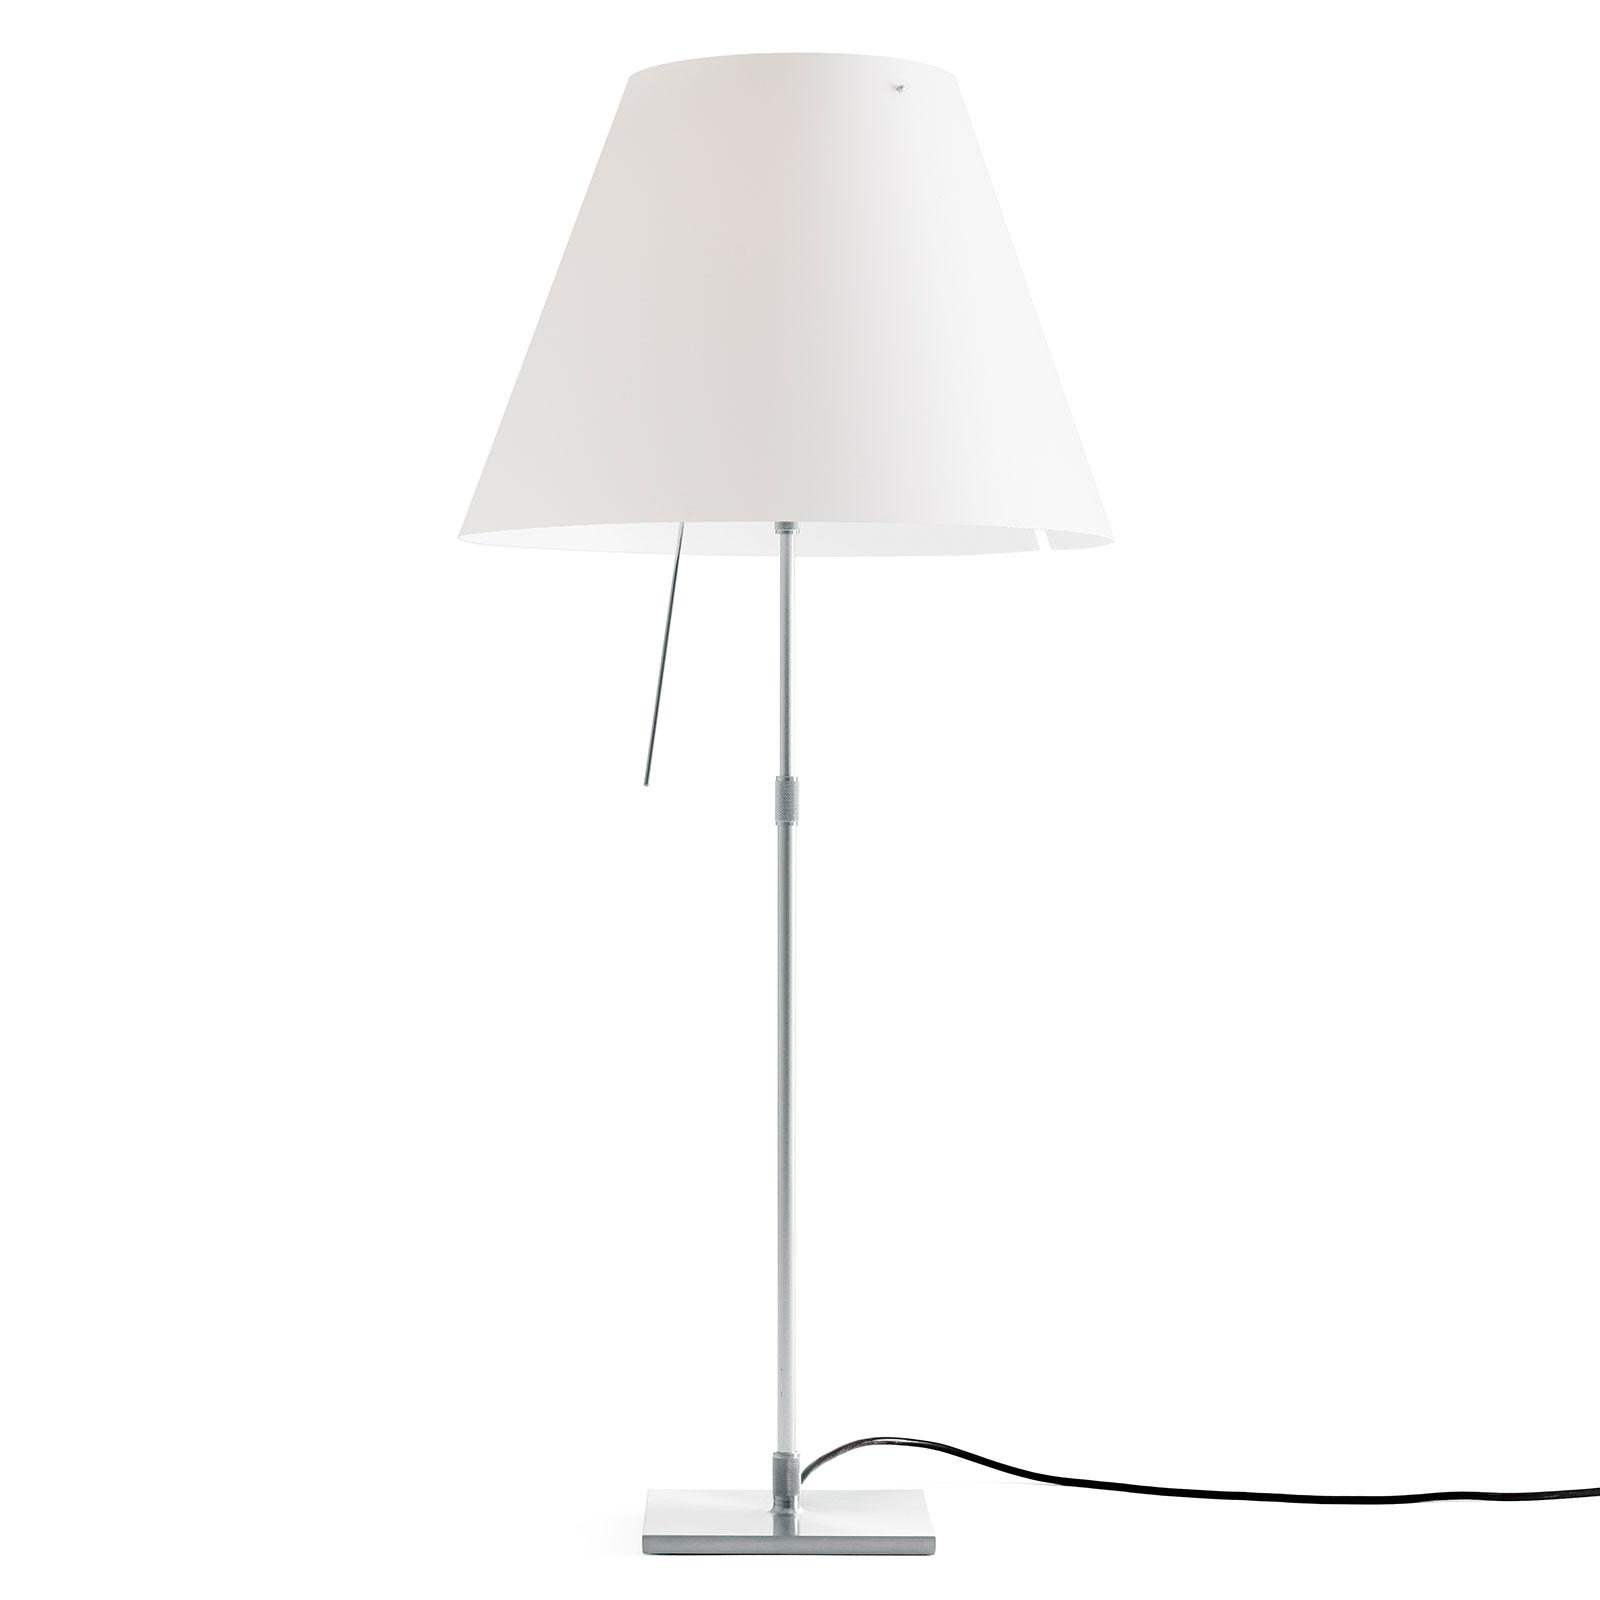 Luceplan Costanza Tischlampe D13 aluminium/weiß